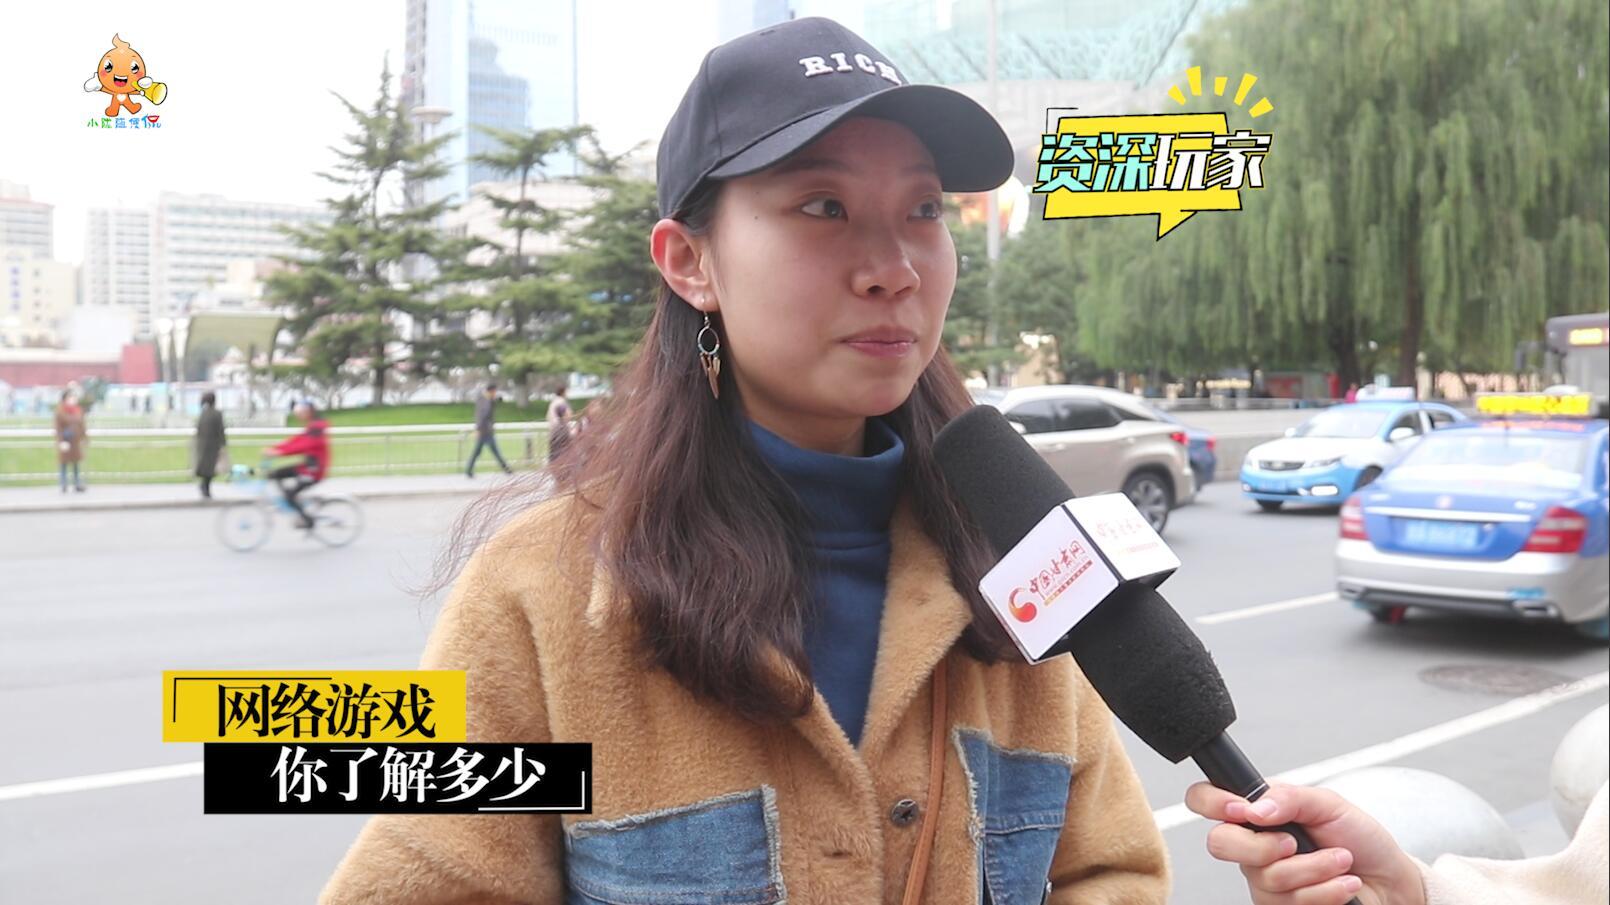 【小陇任意侃】关于网络游戏 意彩龙虎和市民这么说(视频)